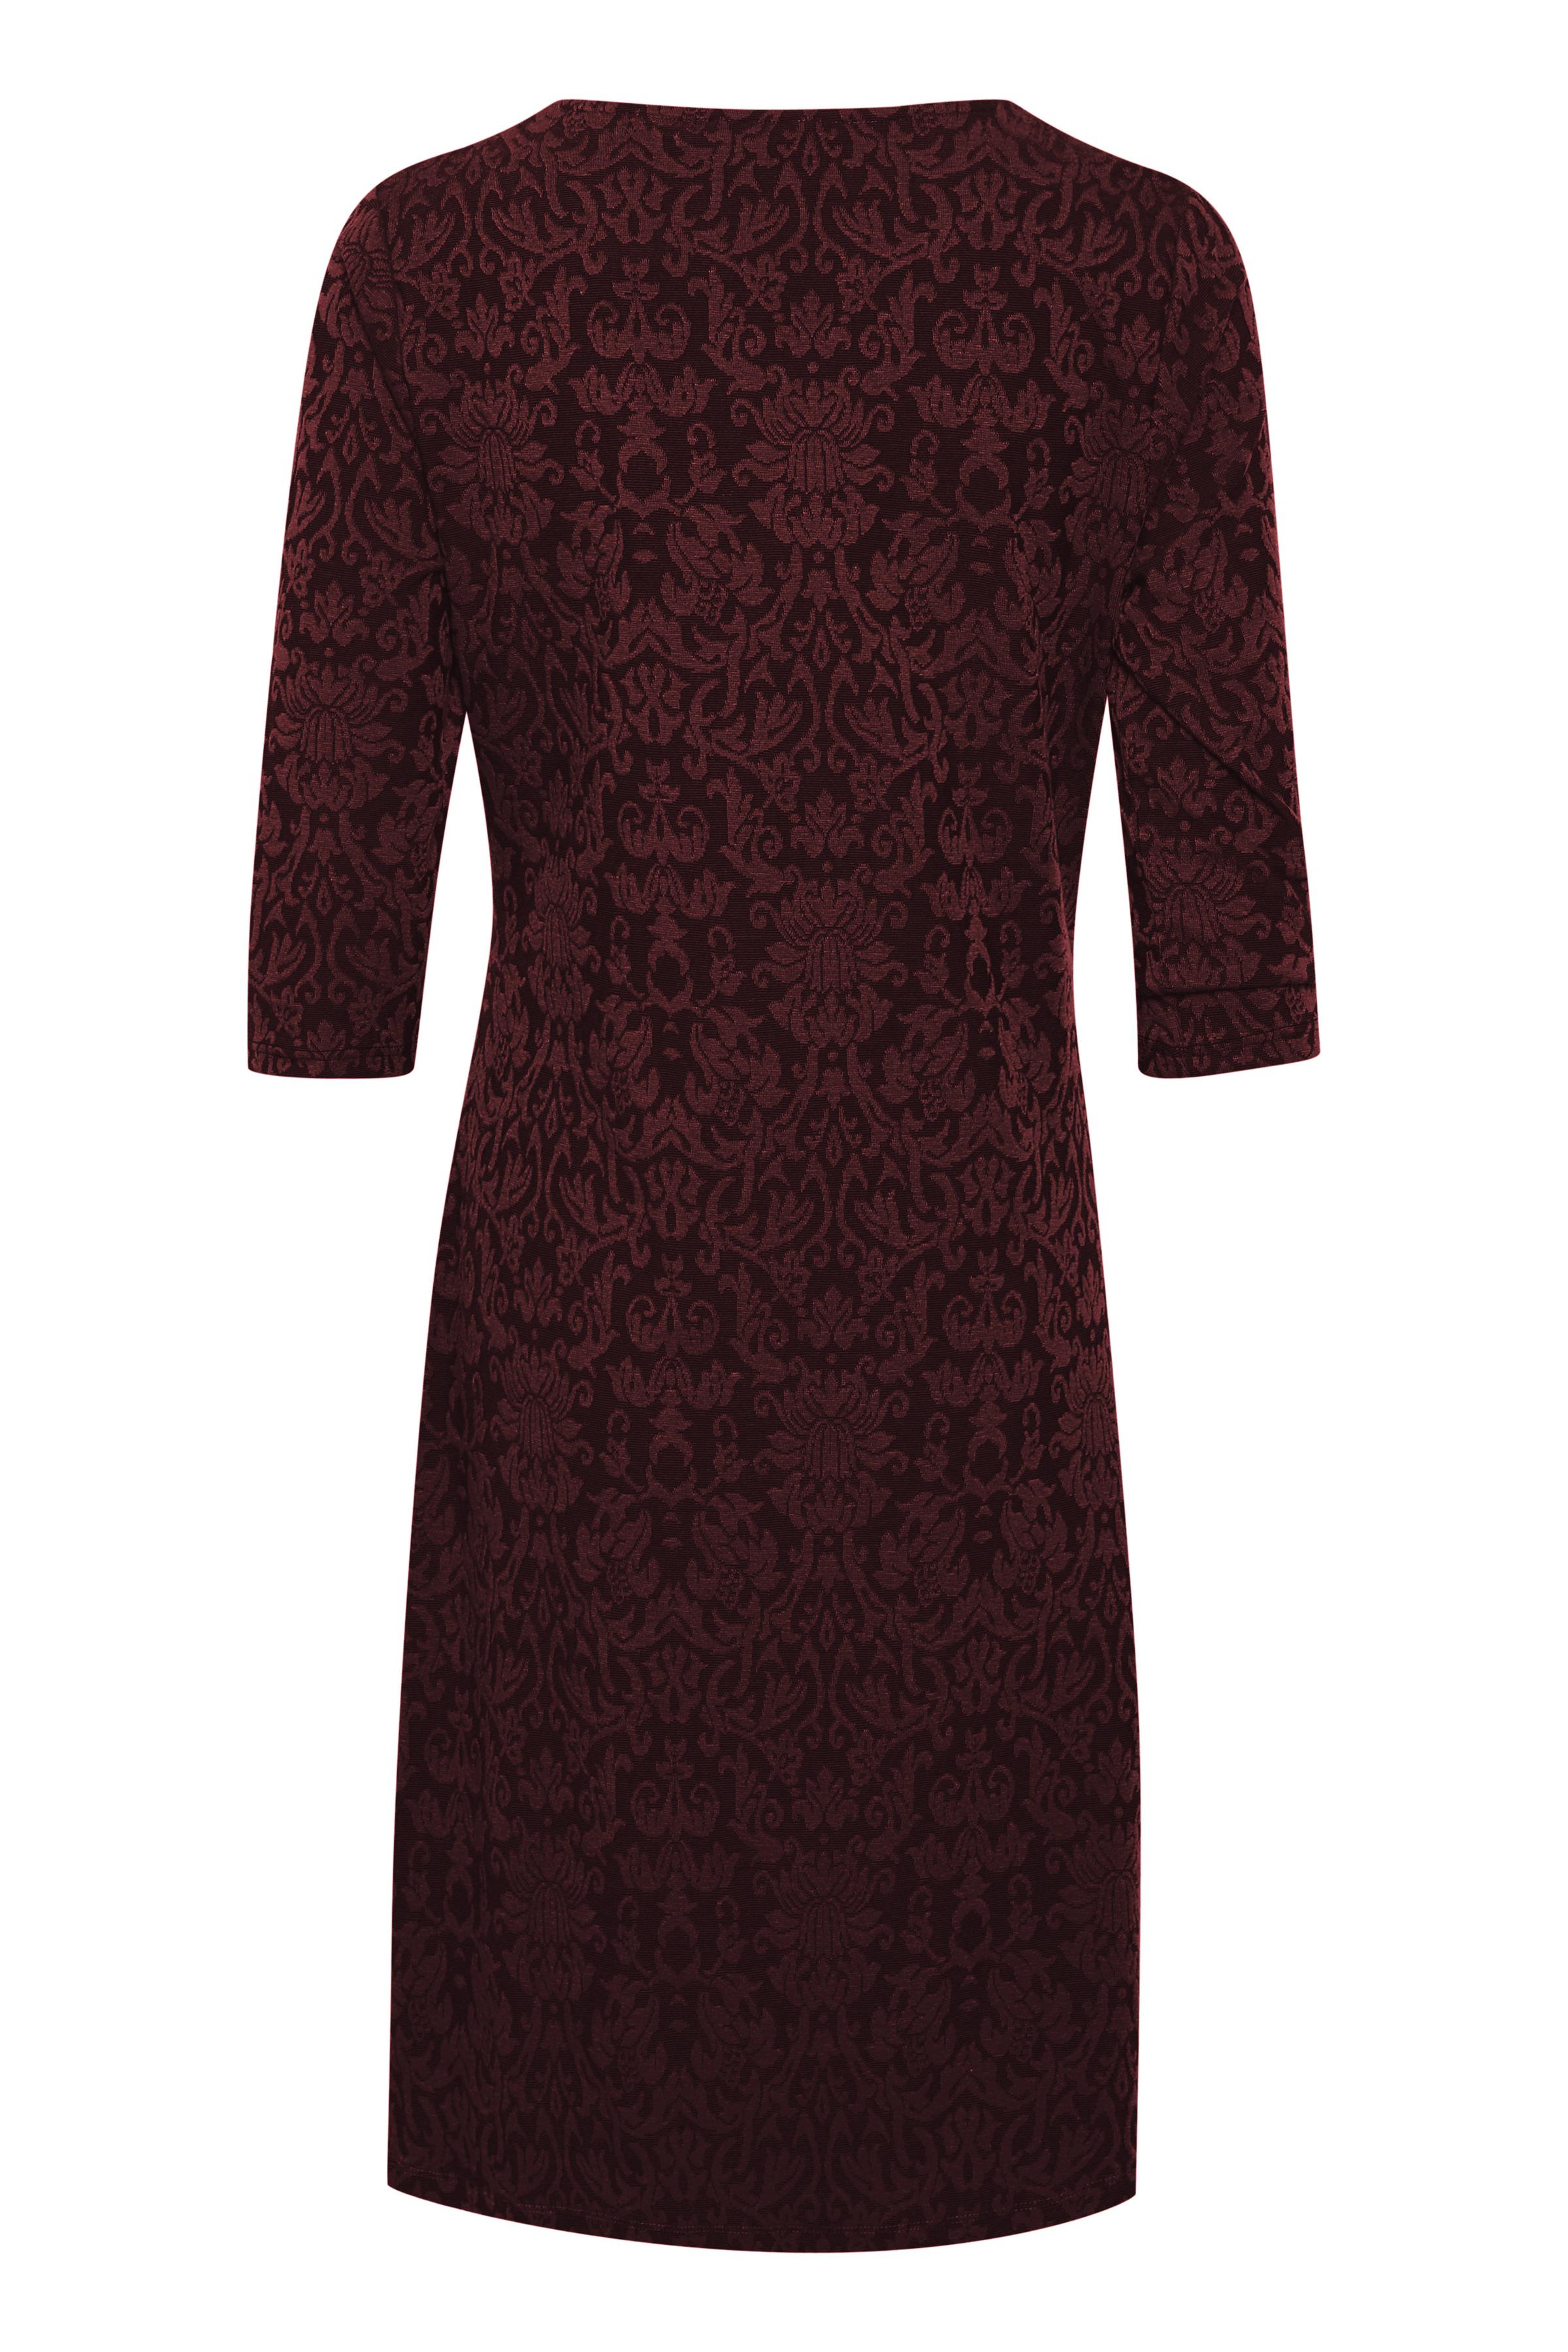 Dunkelrot Kleid von Bon'A Parte – Shoppen Sie Dunkelrot Kleid ab Gr. S-2XL hier